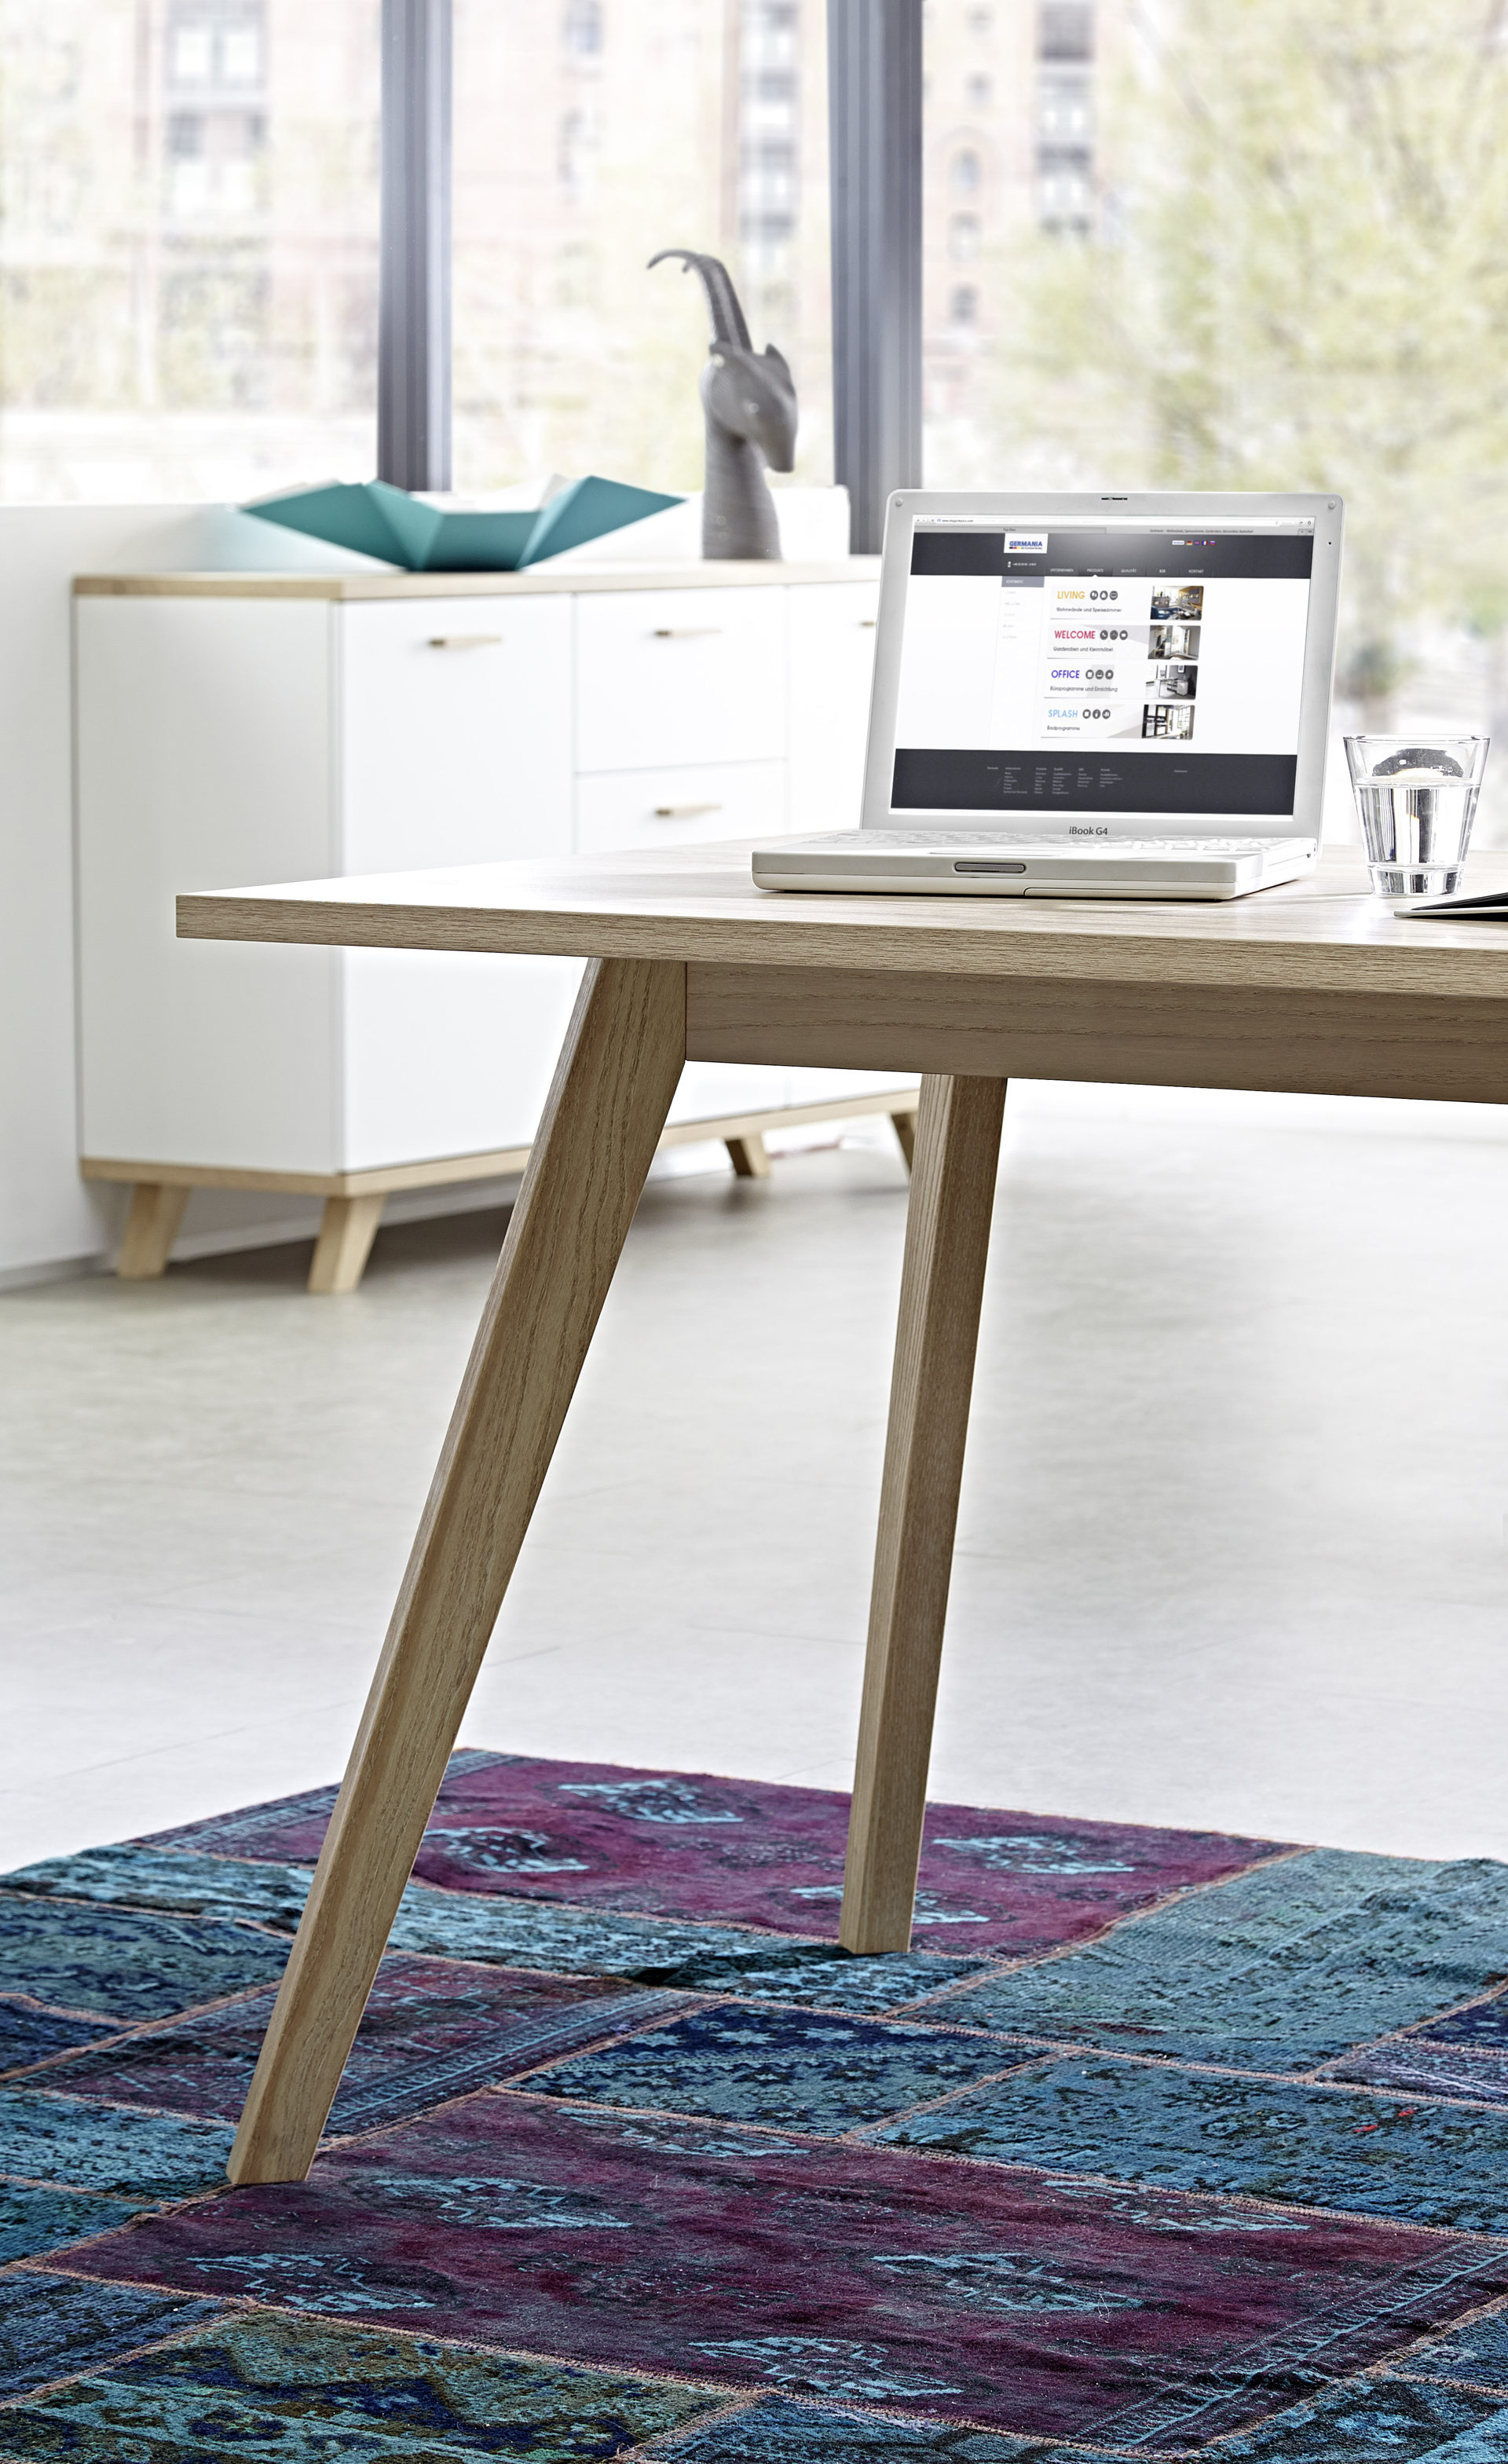 Schreibtisch Oslo, ein Büromöbel für konzentrierte Büroarbeit ...